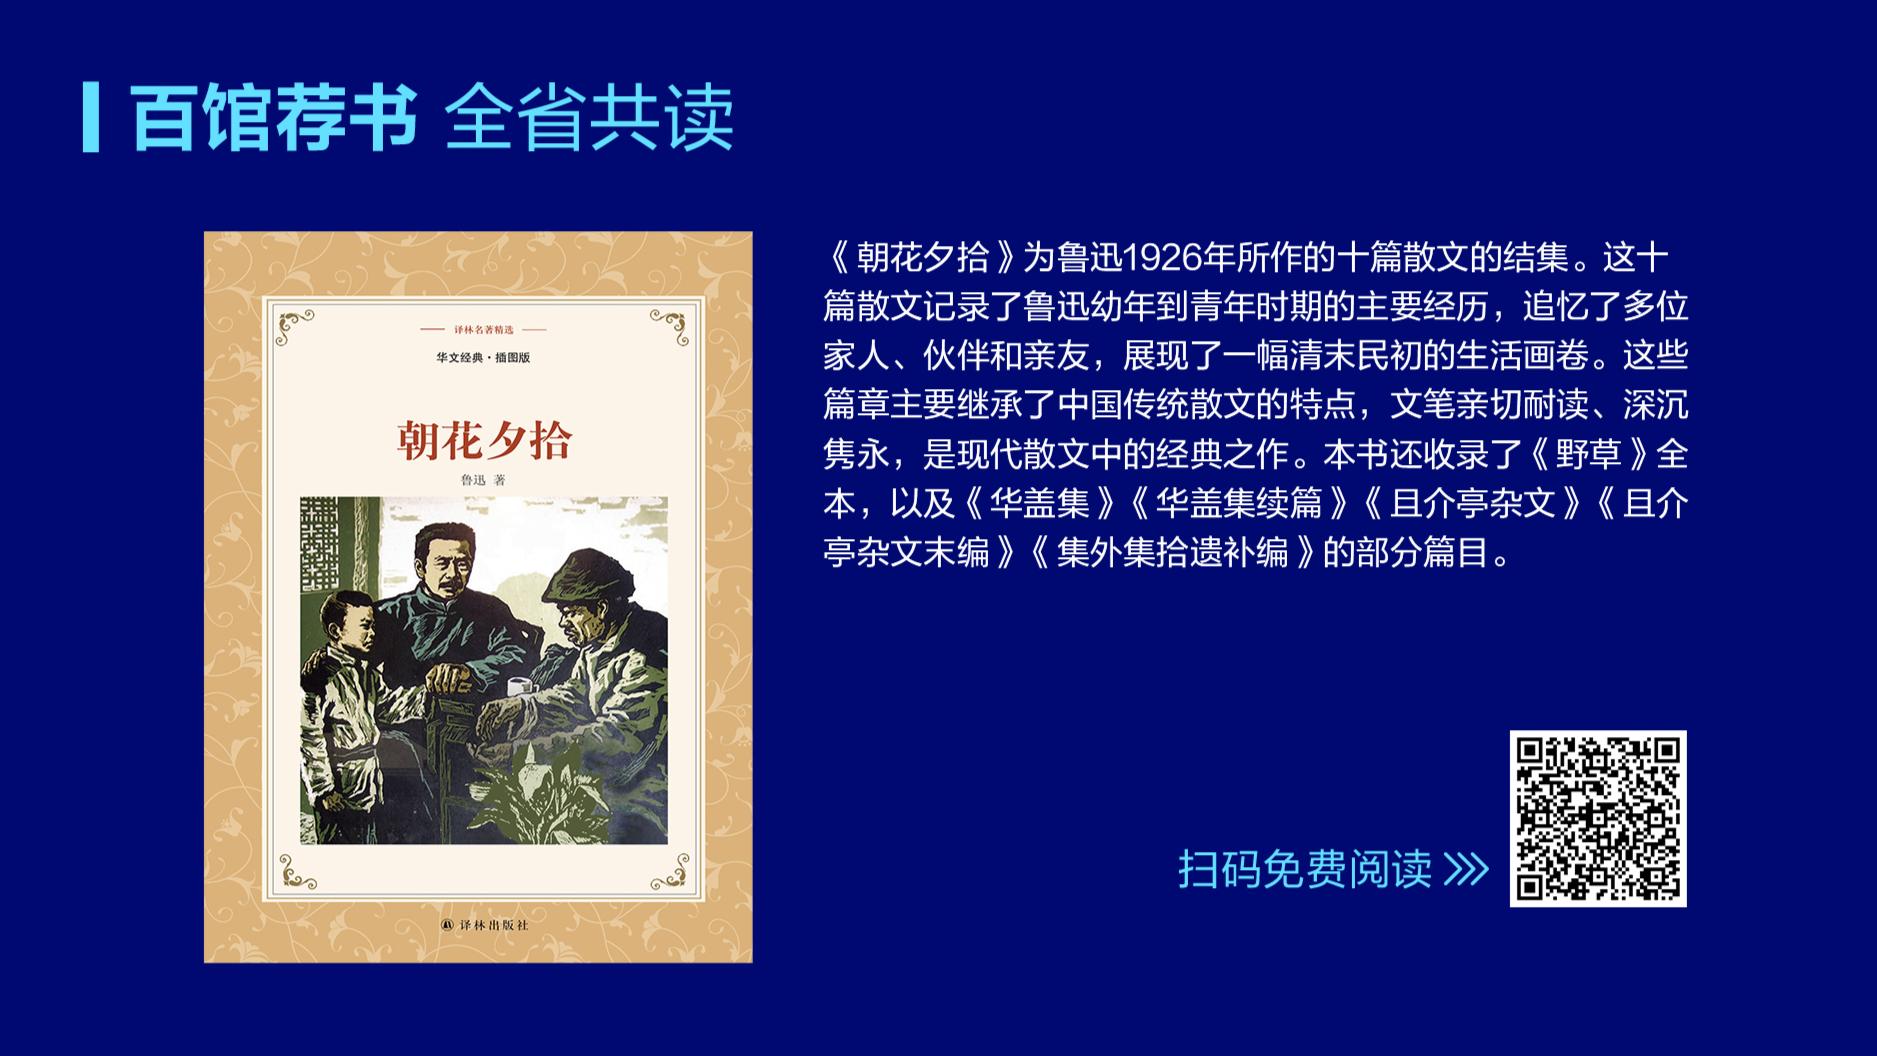 百馆荐书 全省共读:中国文学经典《朝花夕拾》